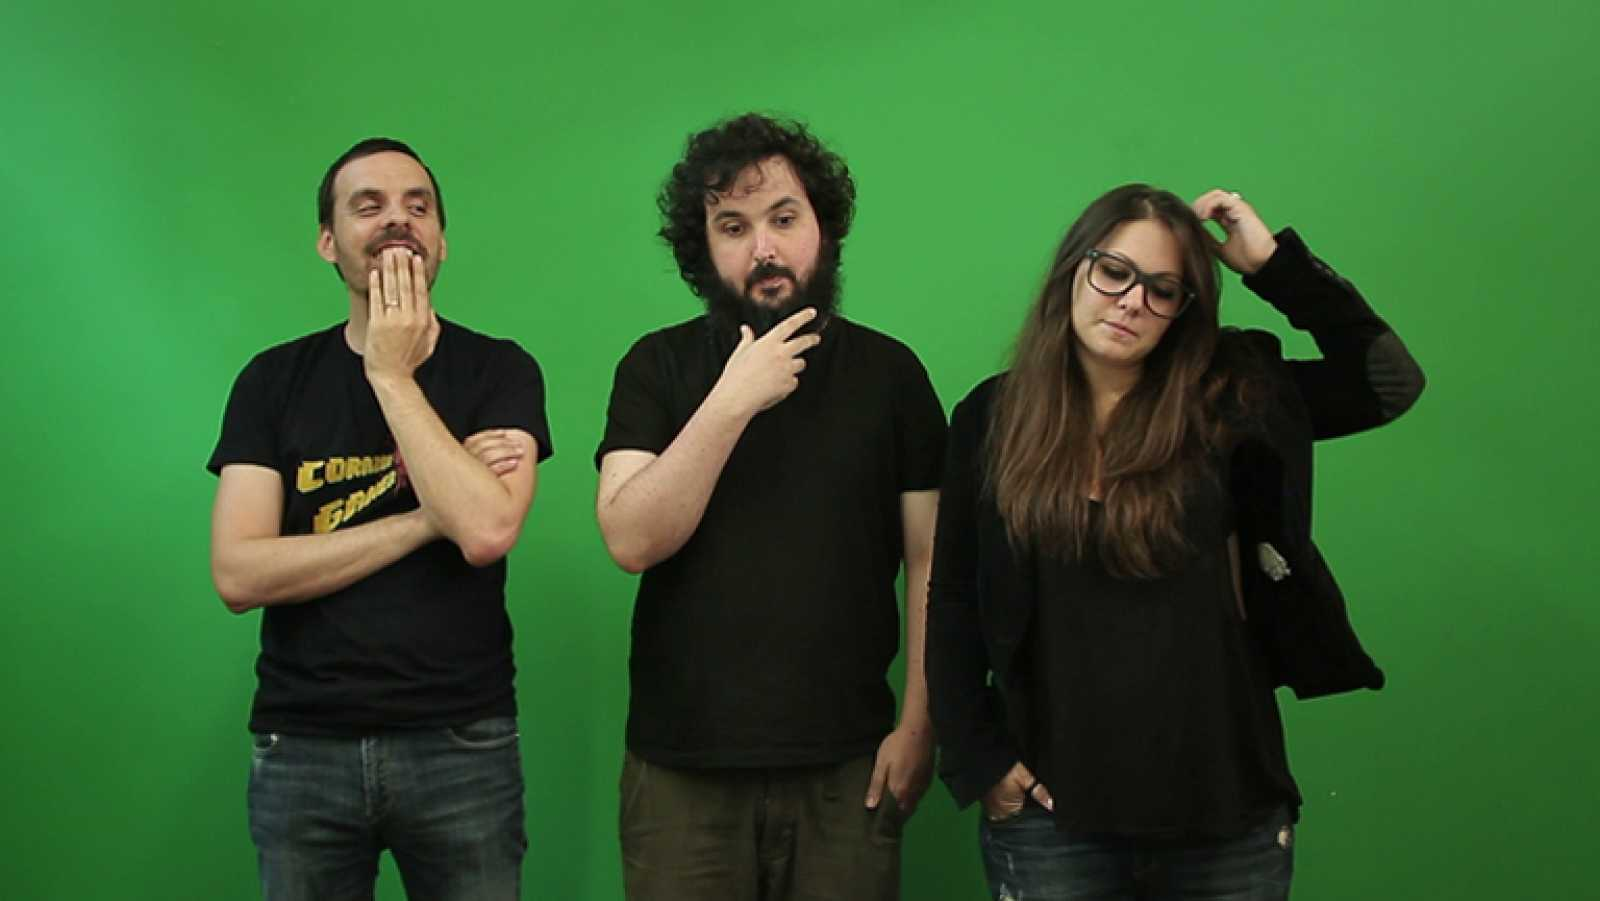 Fiesta Suprema - Loulogio, Bolli y Roc protagonizan el nuevo magacín diario de humor y cultura alternativa